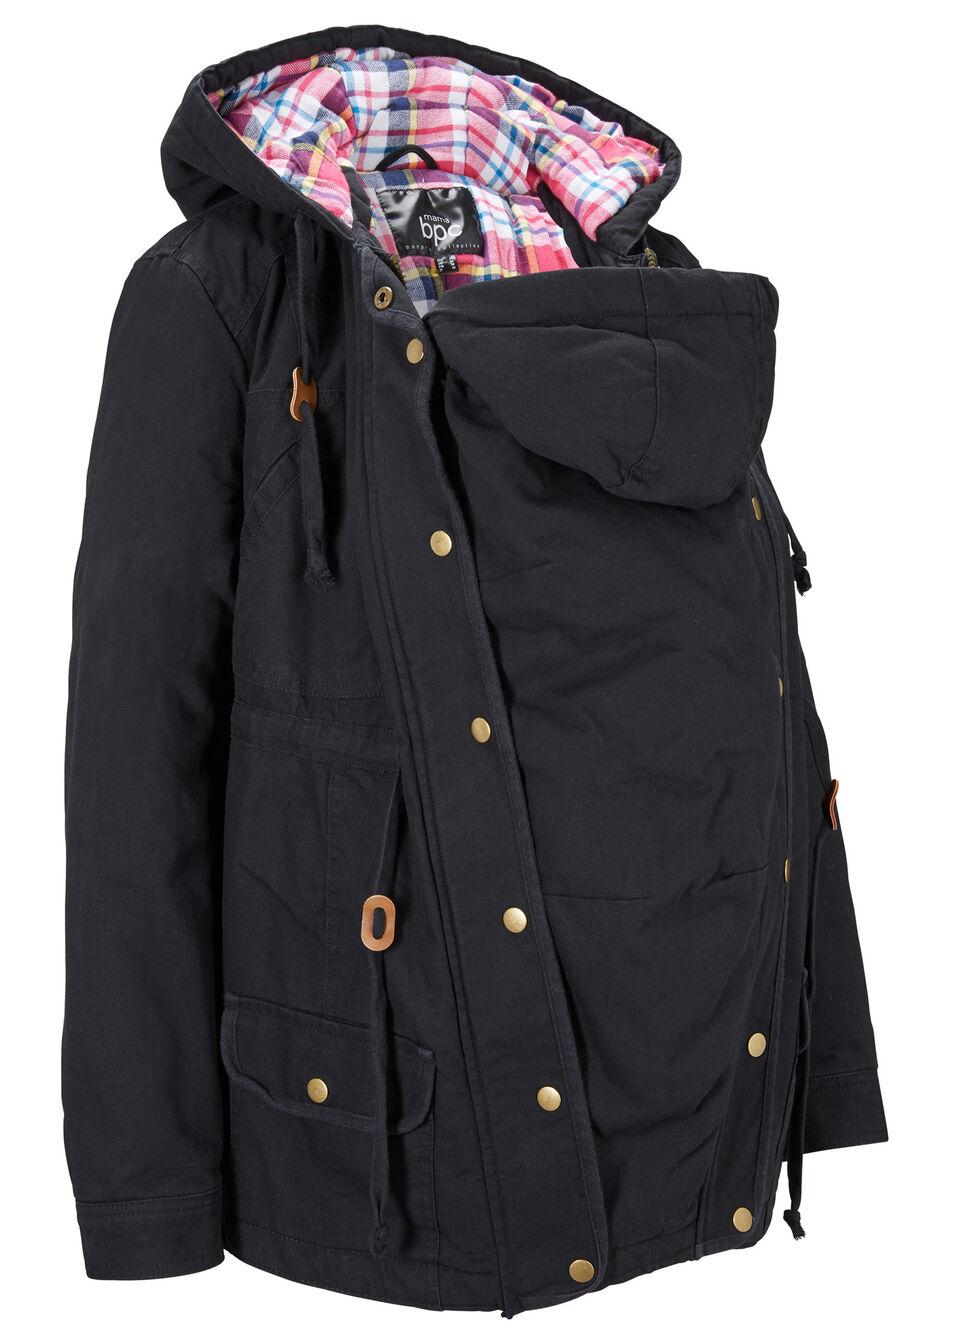 Для будущих мам: куртка со вставкой для малыша от bonprix